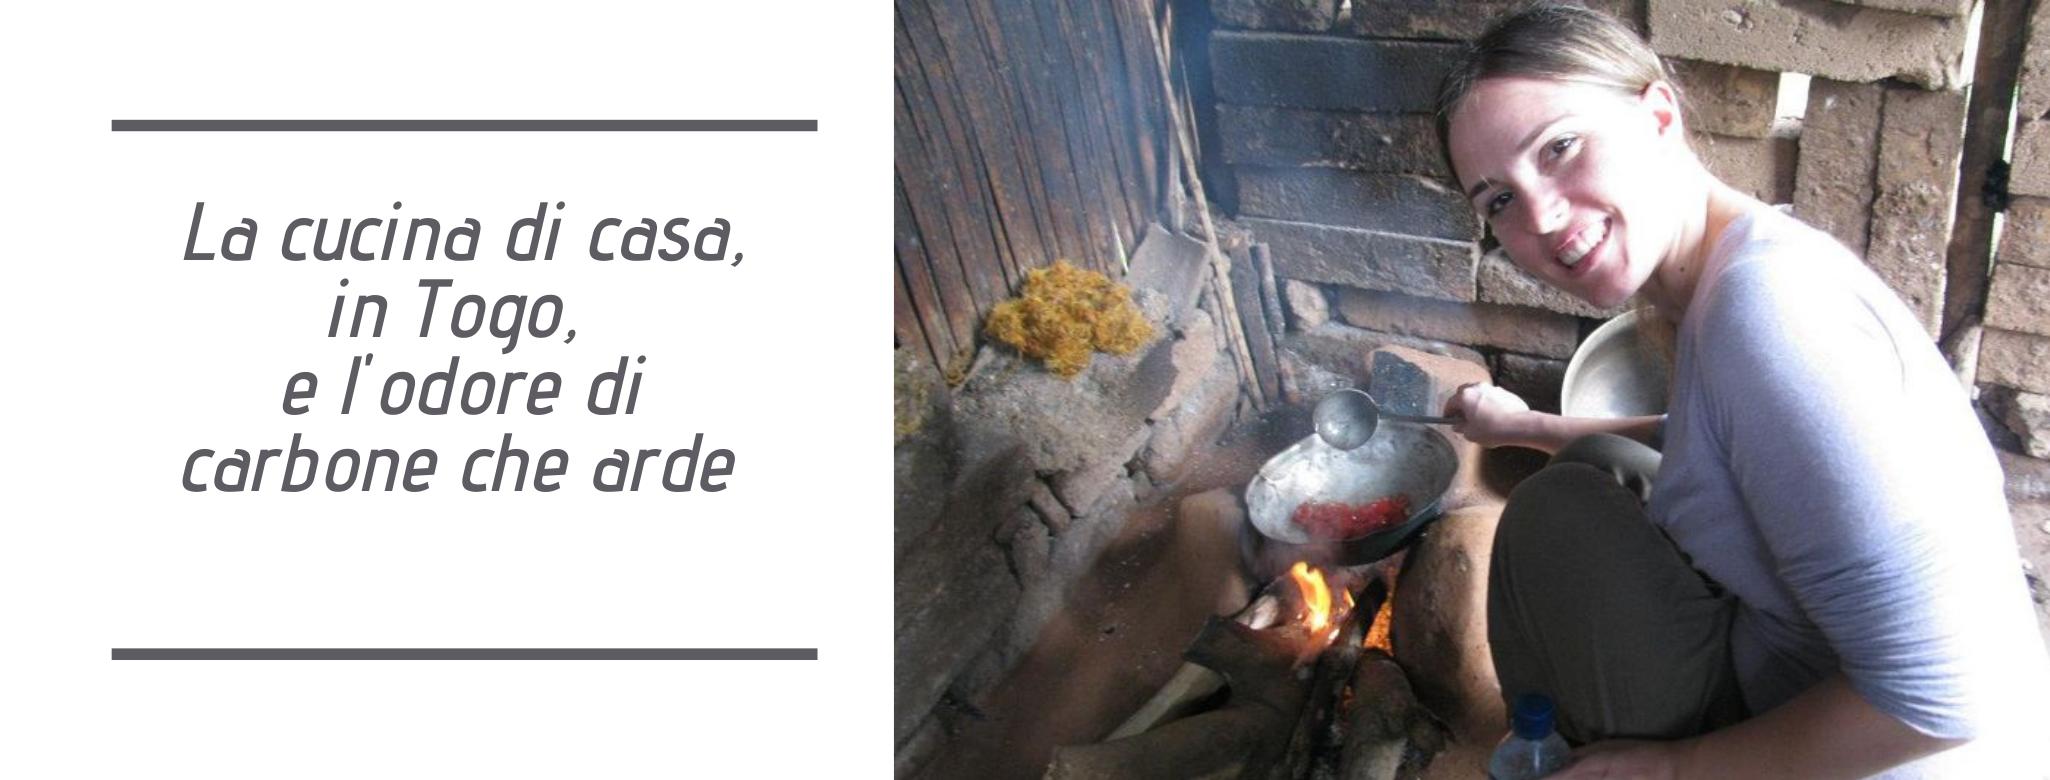 foto: La cucina in Togo, focolare all'aperto a terra e Vera Ghirardini con in mano un mestolo per cucinare davanti alla padella. scritta: la cucina in africa e l'odore del carbone che arde